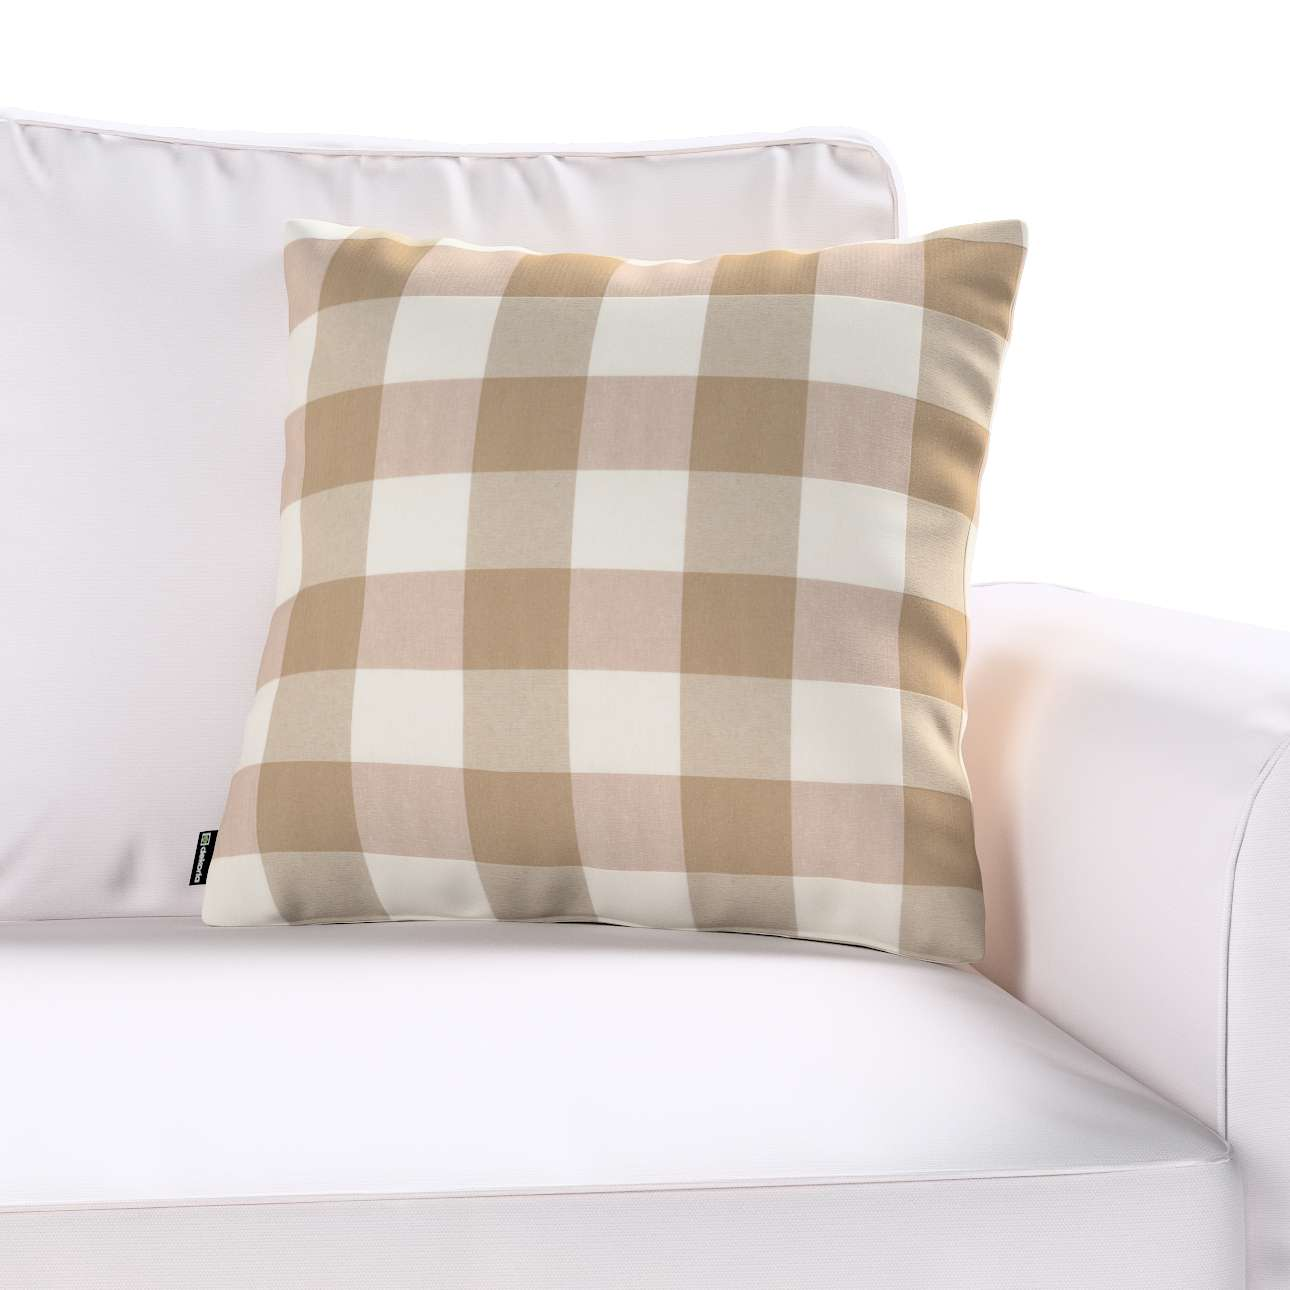 Poszewka Kinga na poduszkę w kolekcji Quadro, tkanina: 136-08